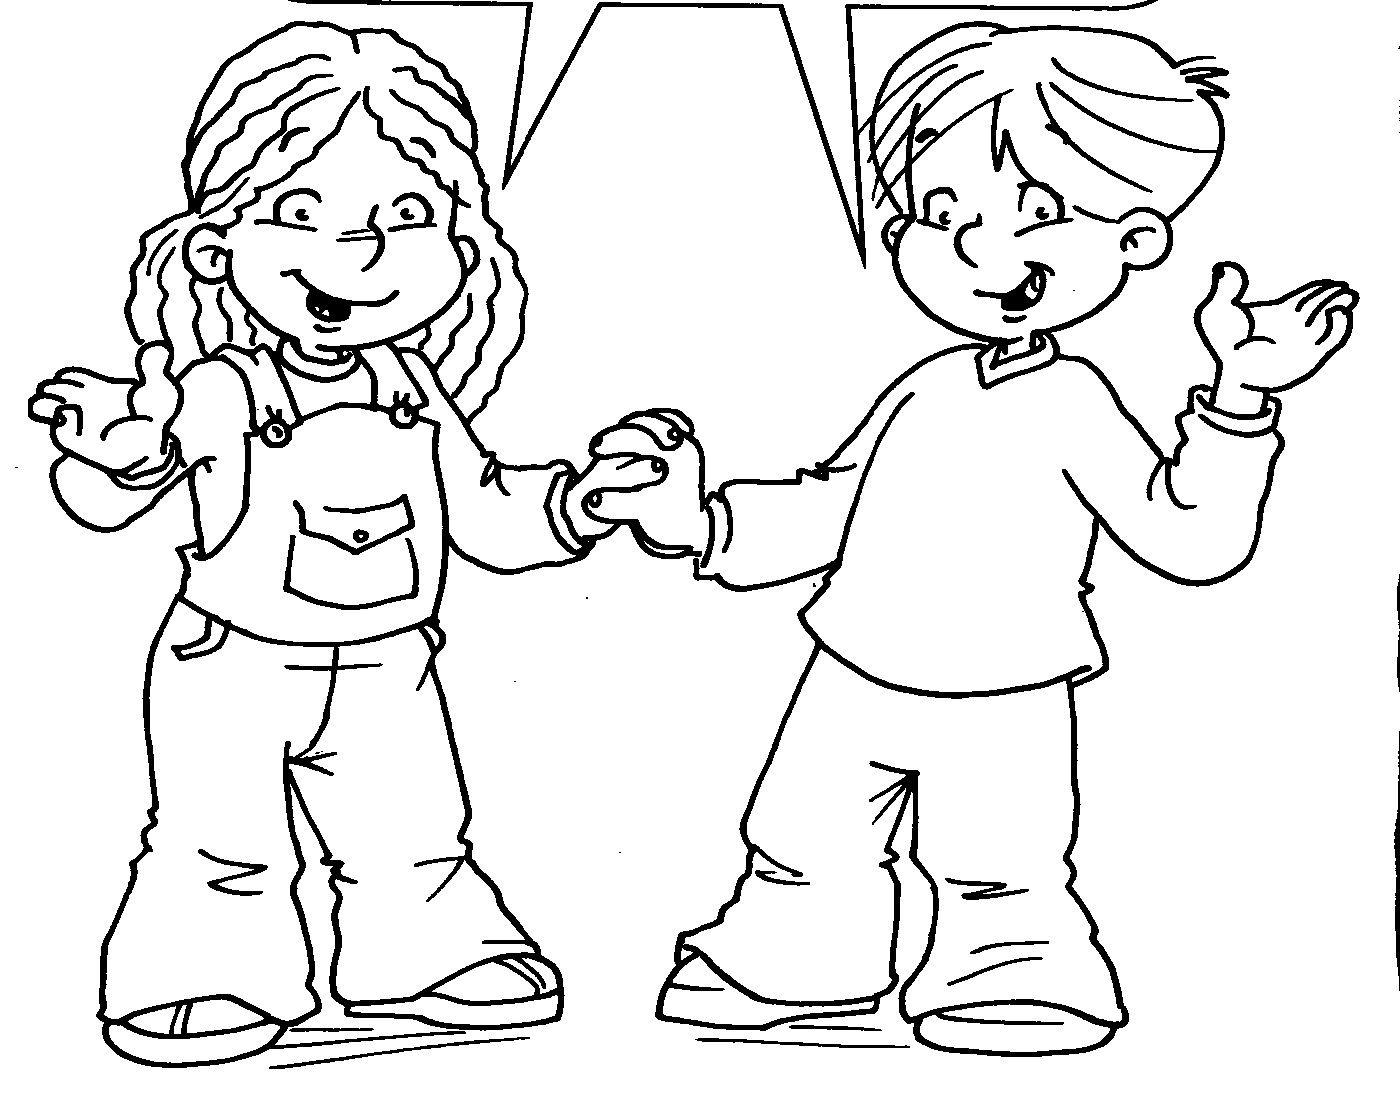 Convivencia Escolar Para Colorear Dibujos Para Colorear Infantil Female Sketch Art Humanoid Sketch